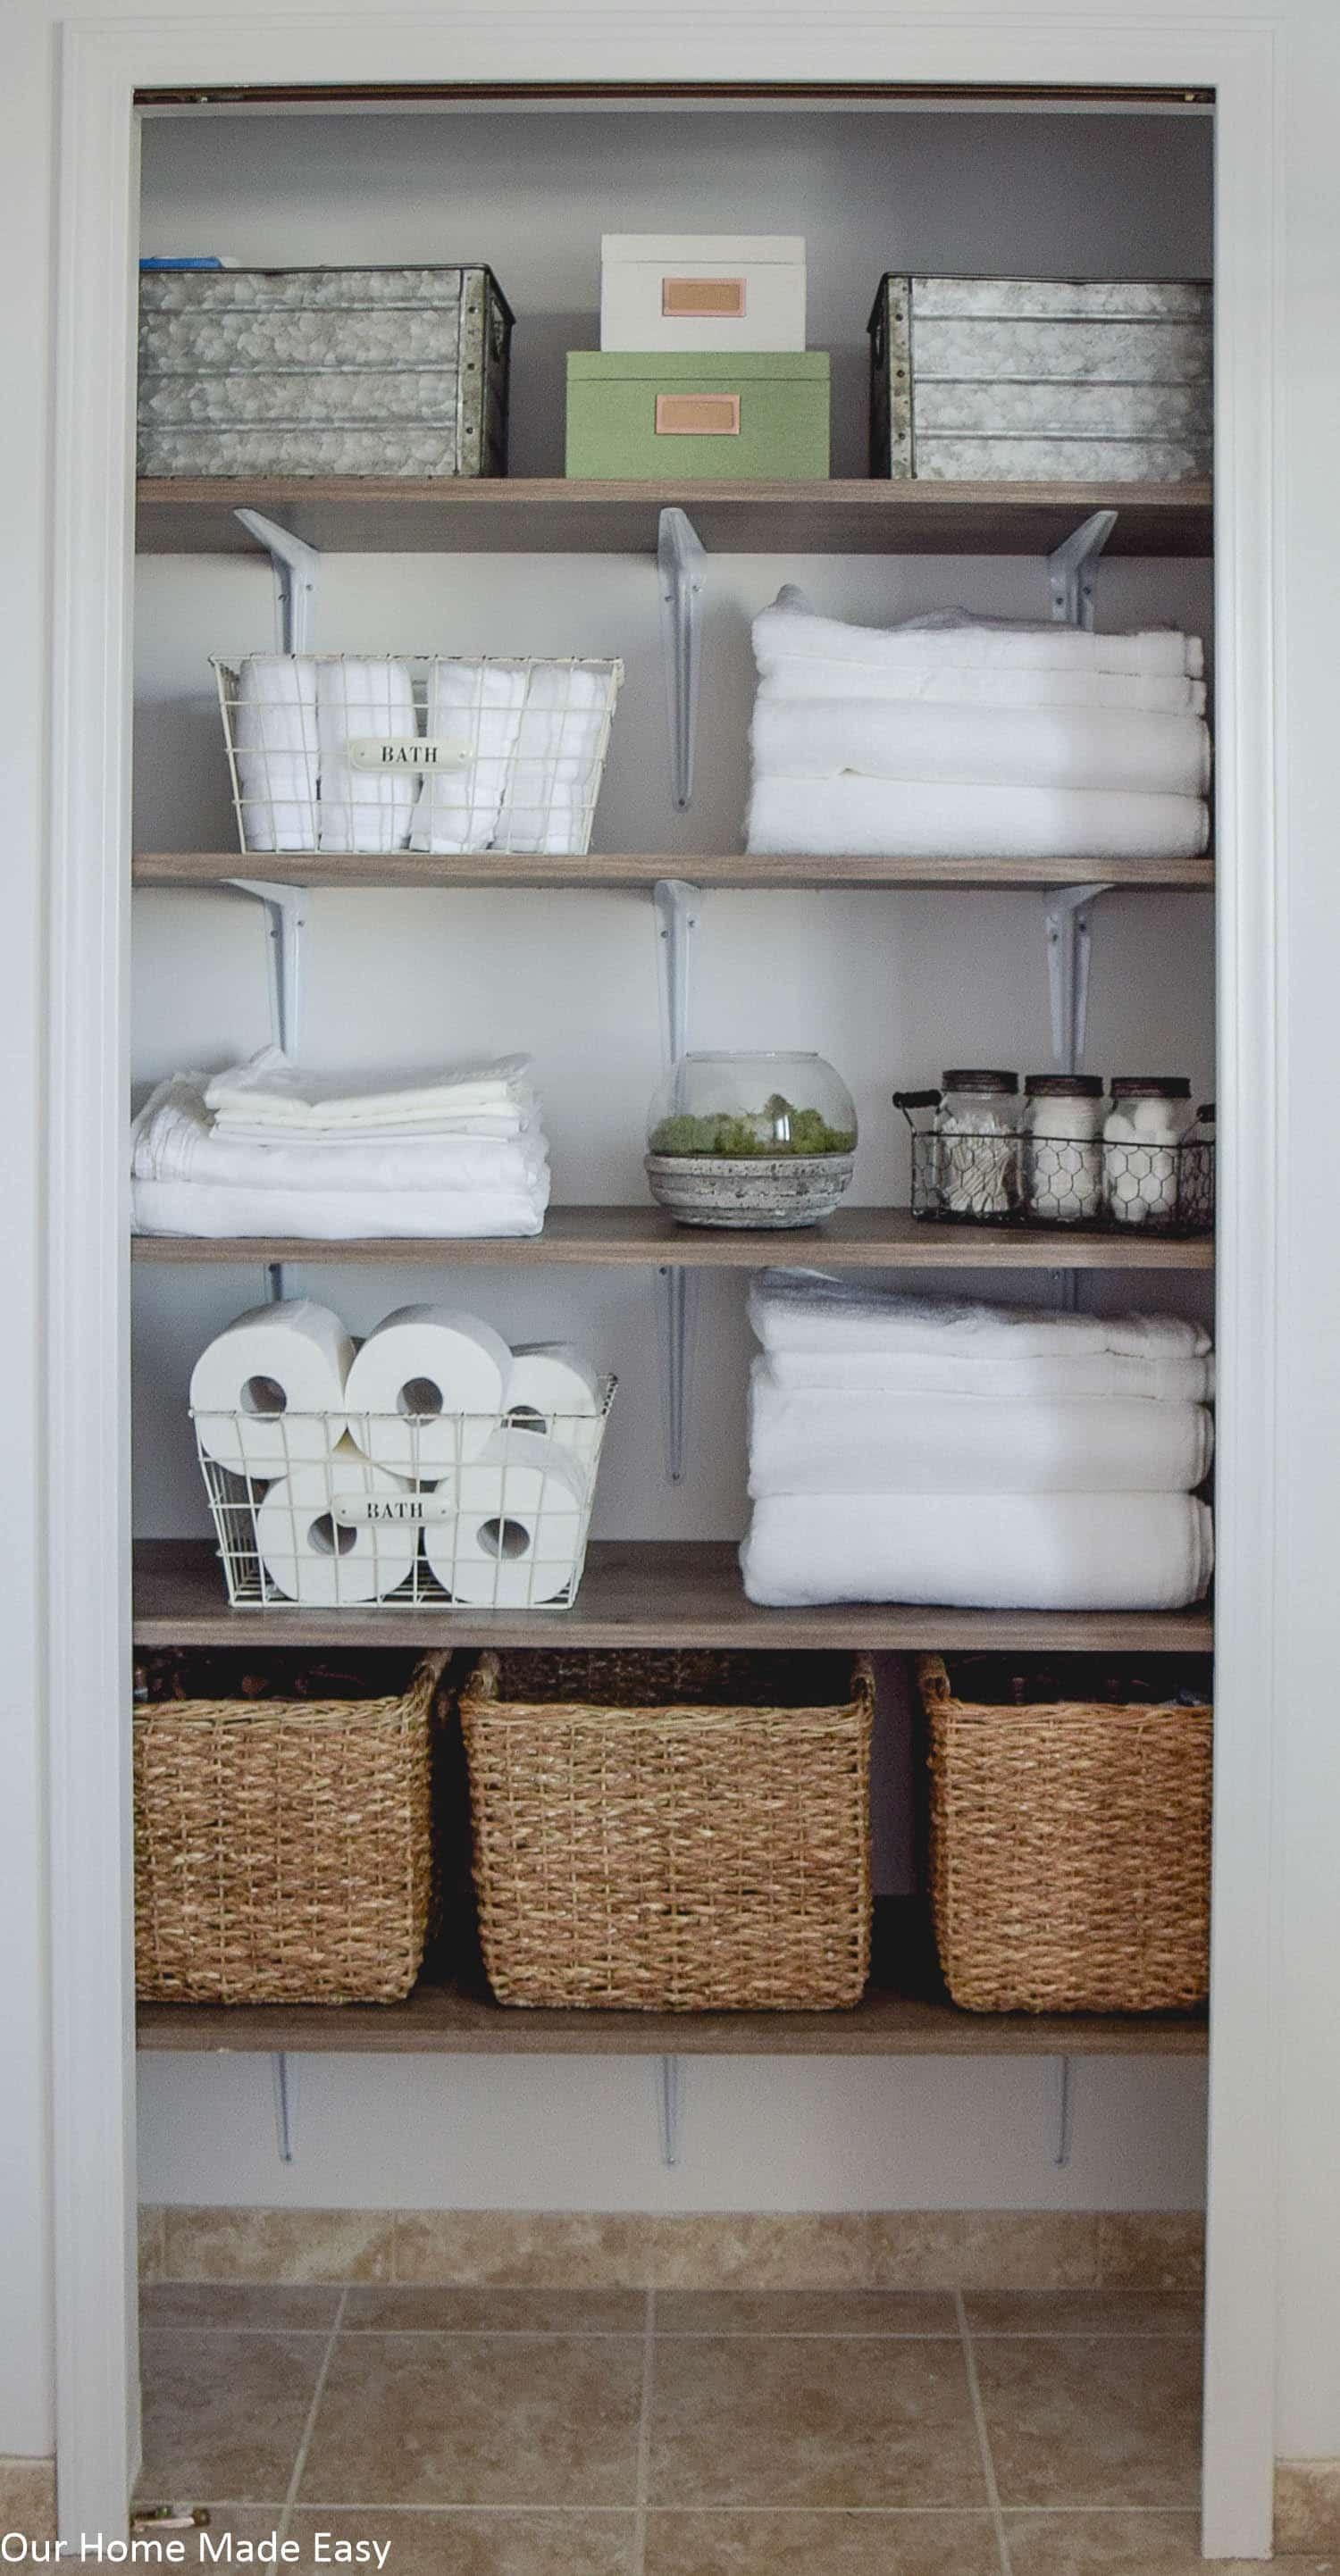 bathroom linen closet reveal home linen closet pinterest rh pinterest com Hall Closet Makeover Linen Closet Organization